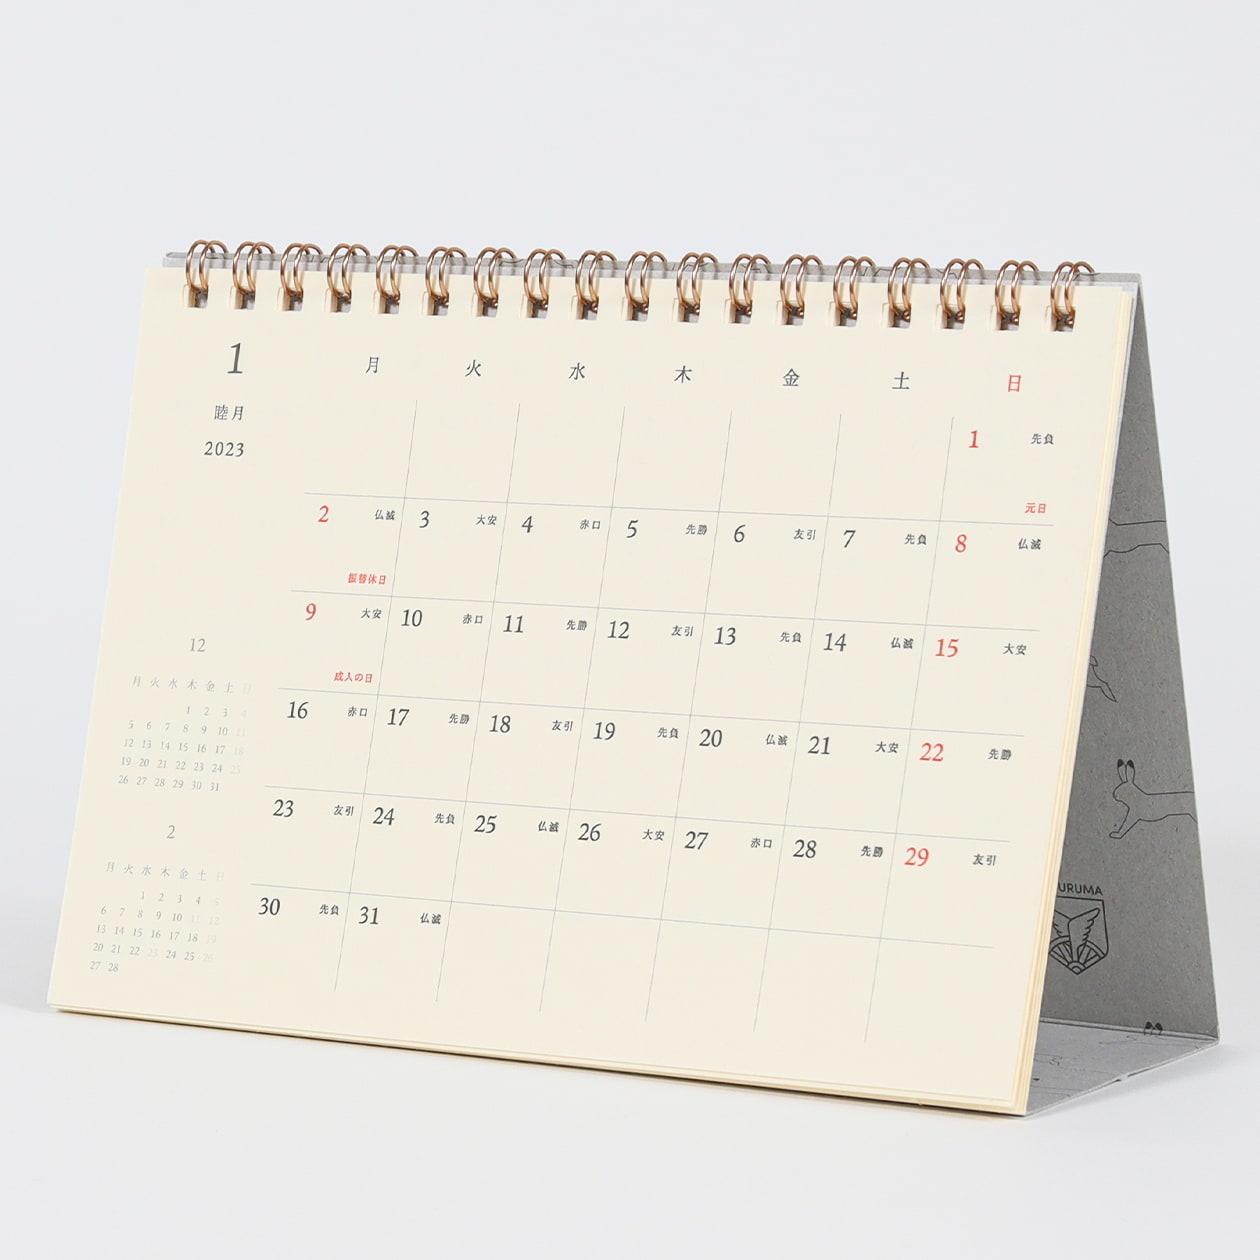 2020年版 卓上カレンダー(羽車ロゴ入りデザイン)